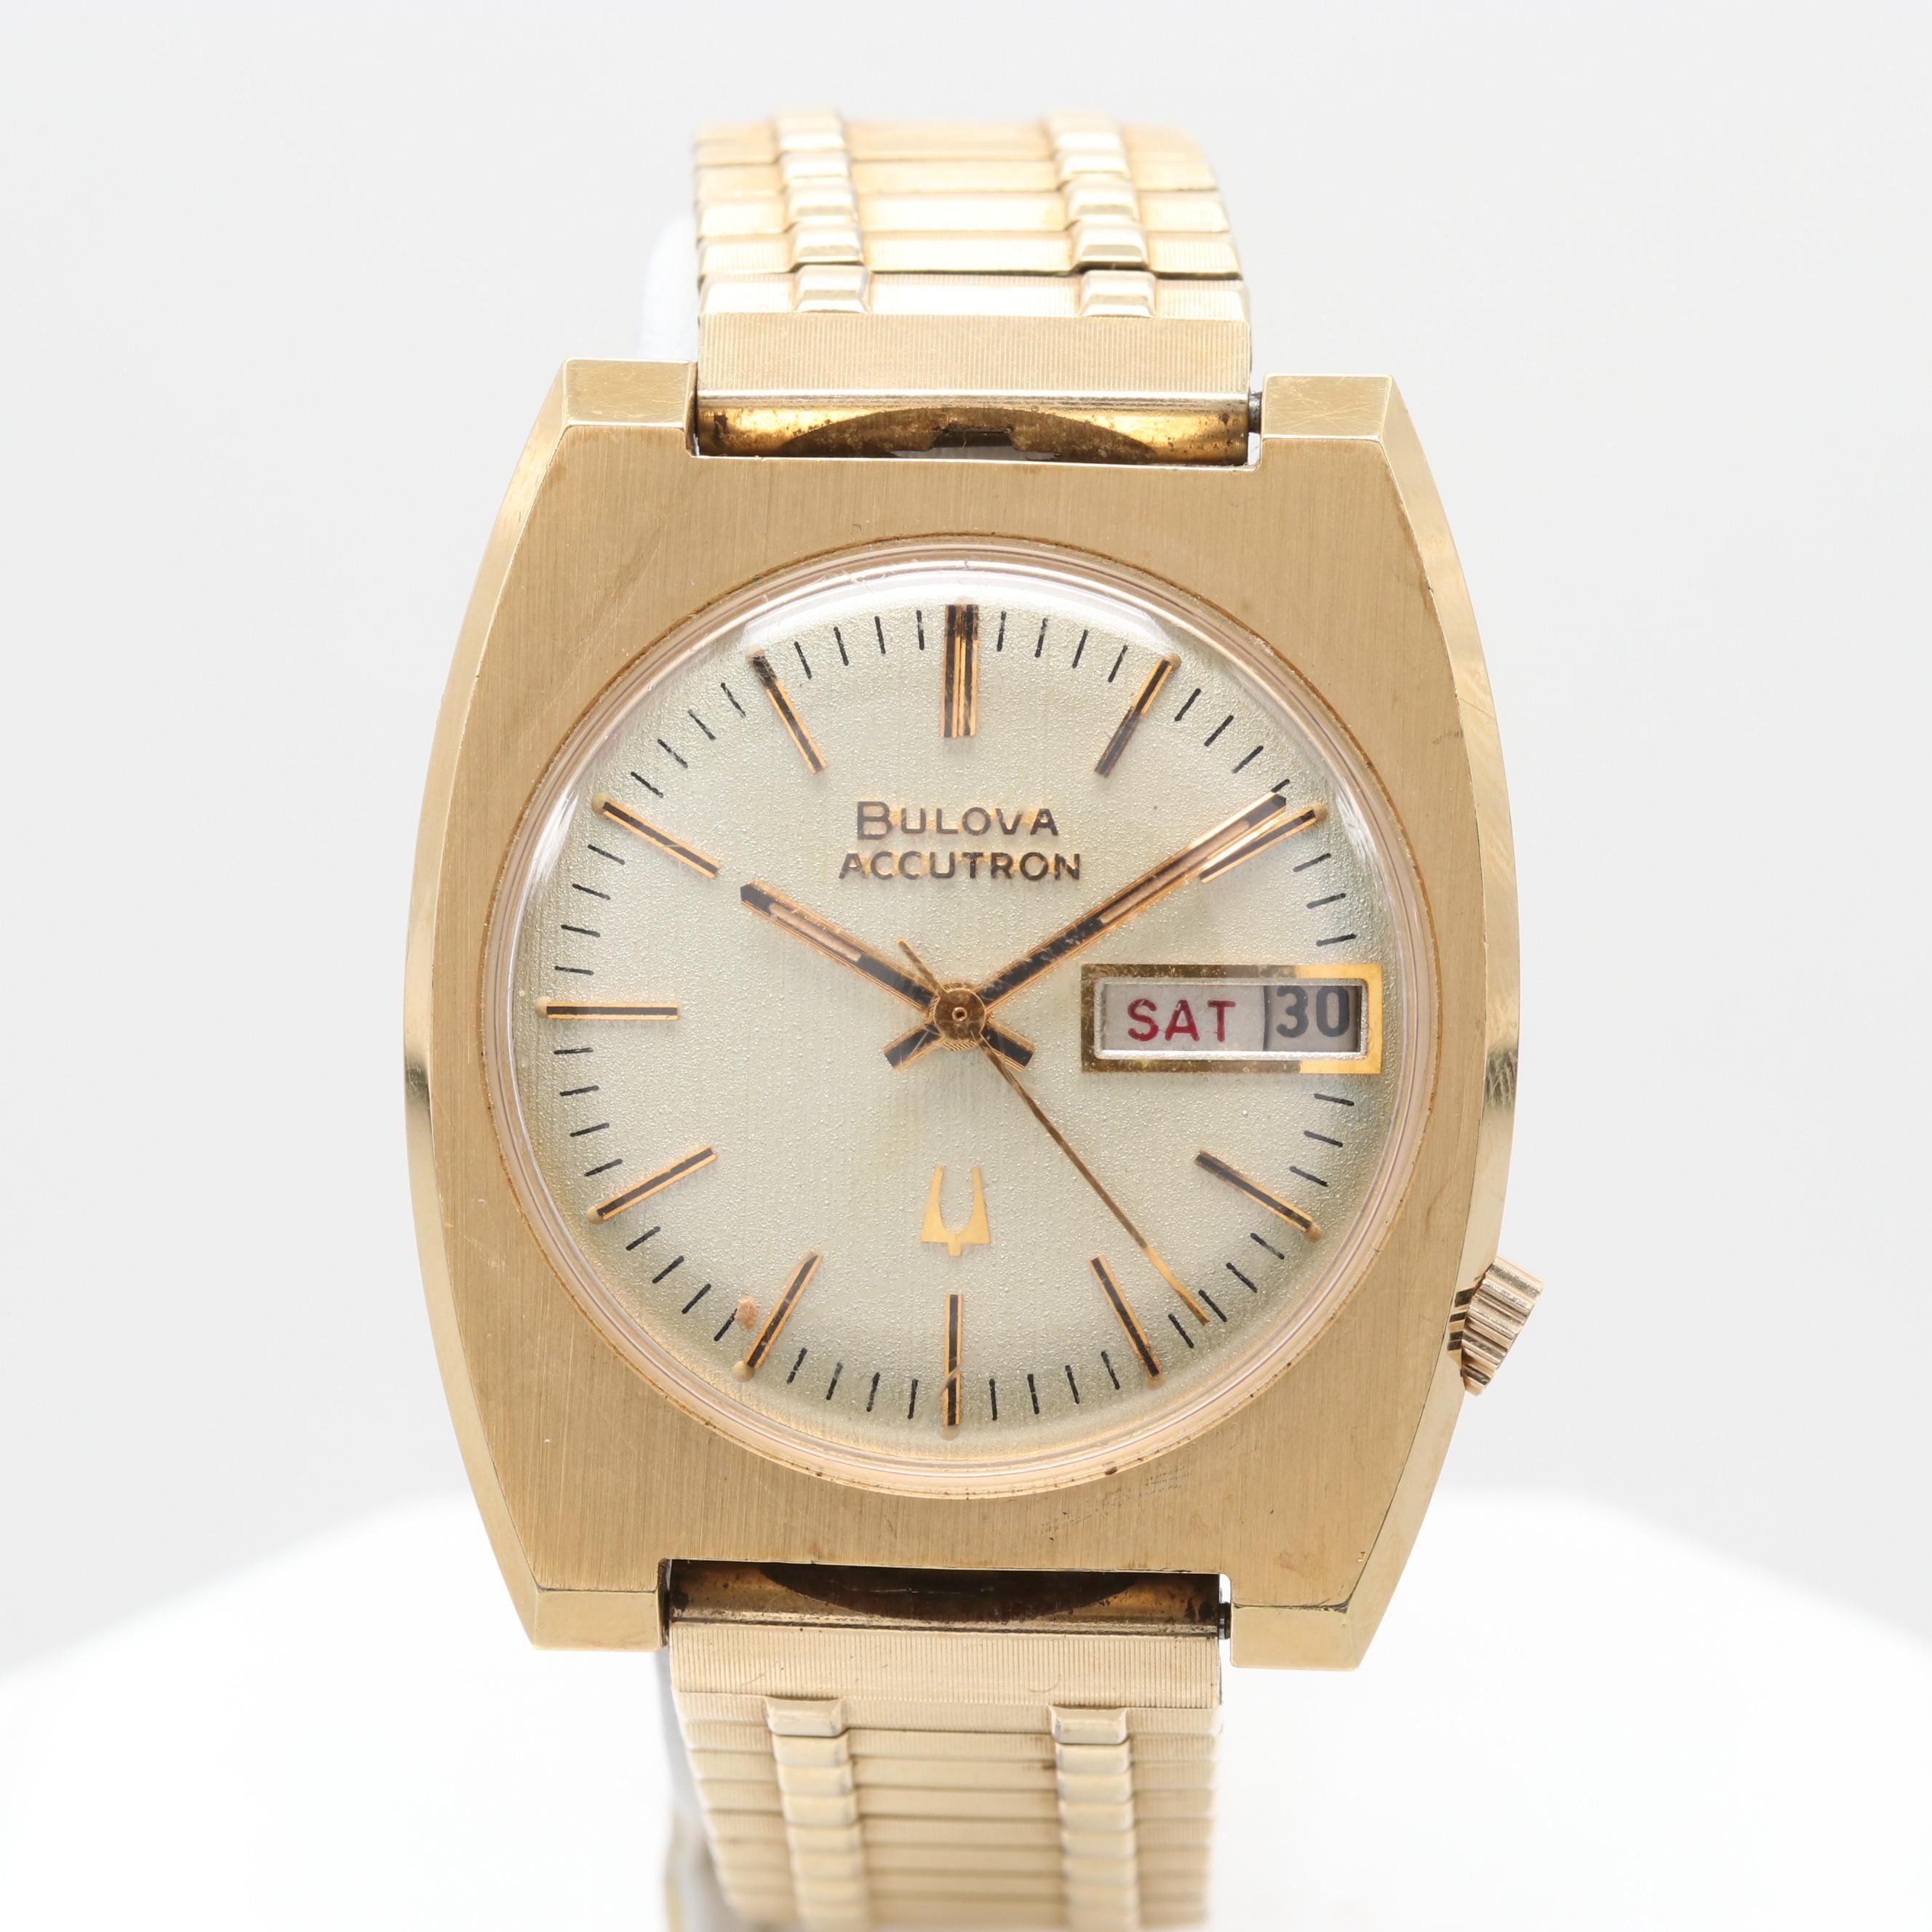 Bulova Accutron Wristwatch With Day/Date Window